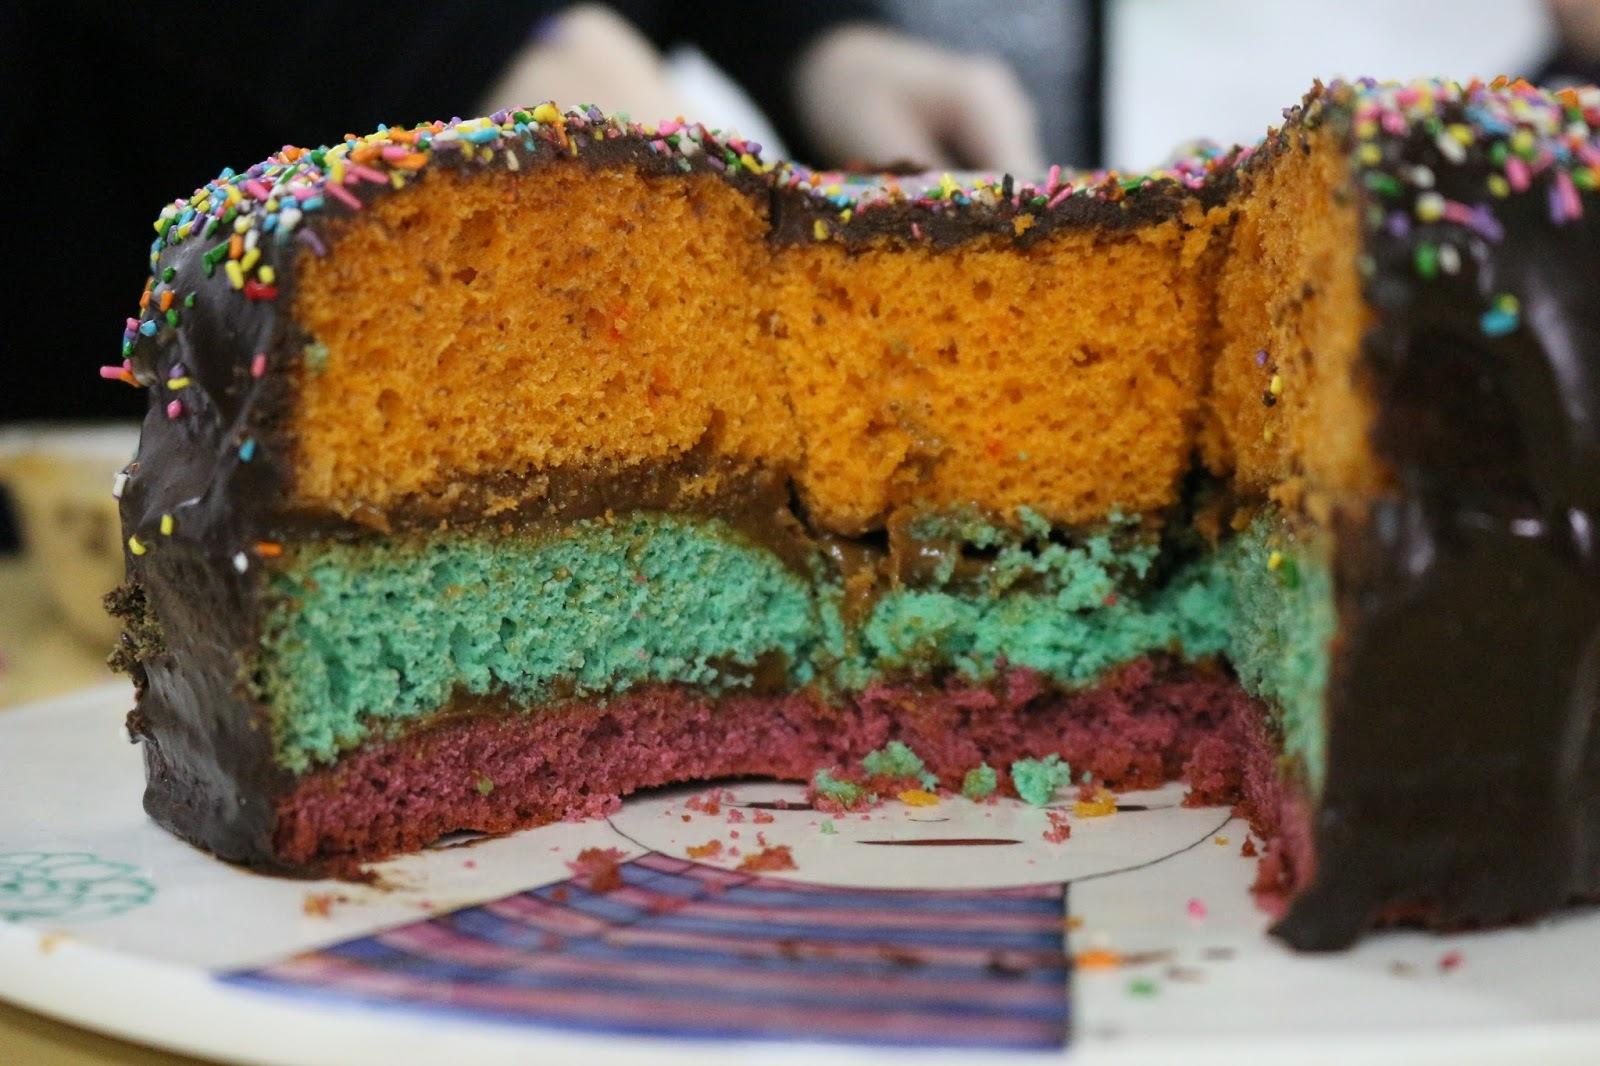 Torta de cumpleaños tricolor con cobertura de chocolate